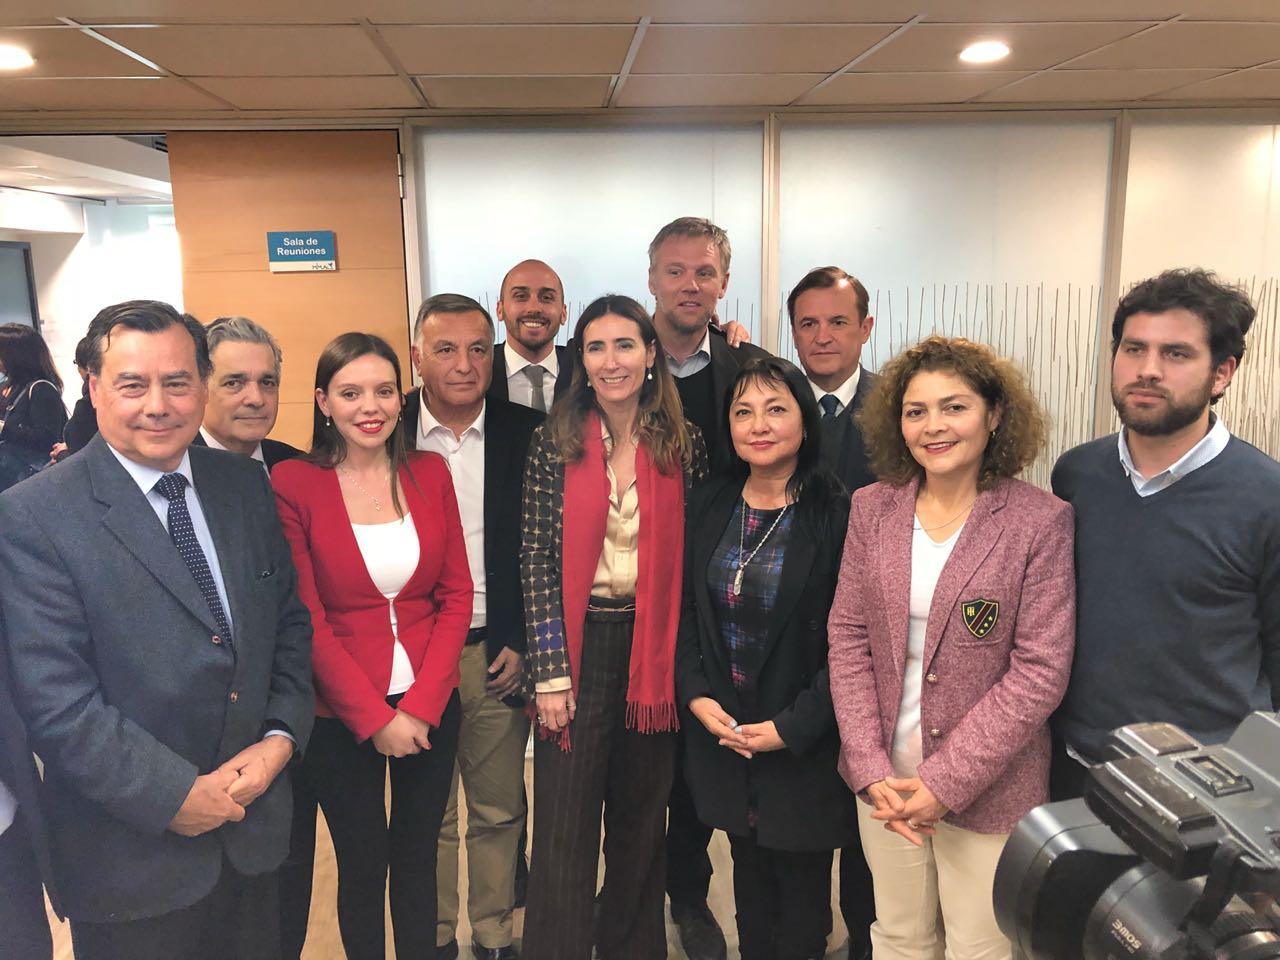 Valparaíso: Ministra de Medio Ambiente se reunió con alcaldes y parlamentarios por contaminación